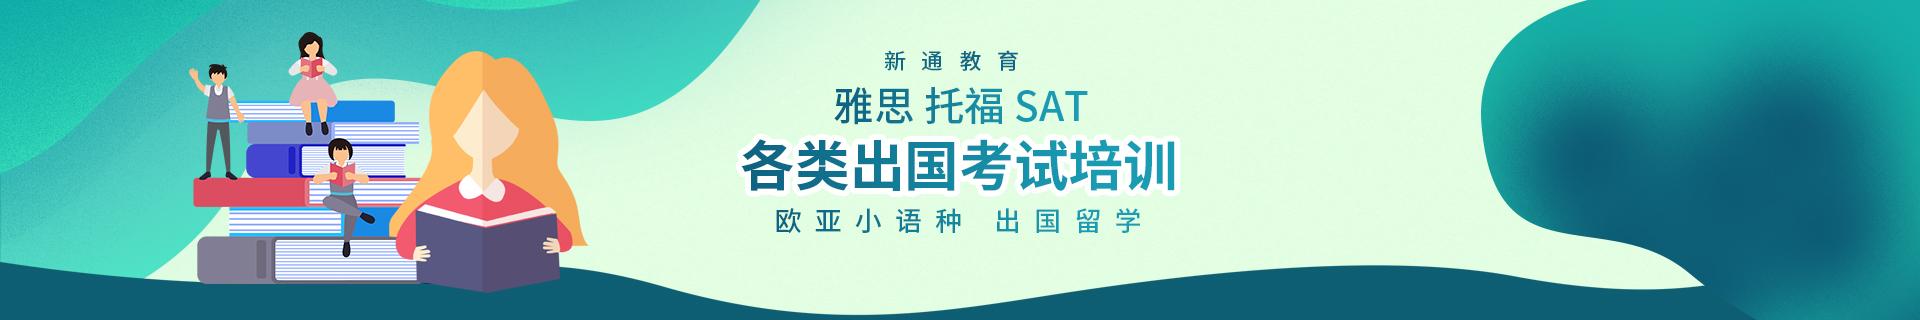 郑州新通教育机构